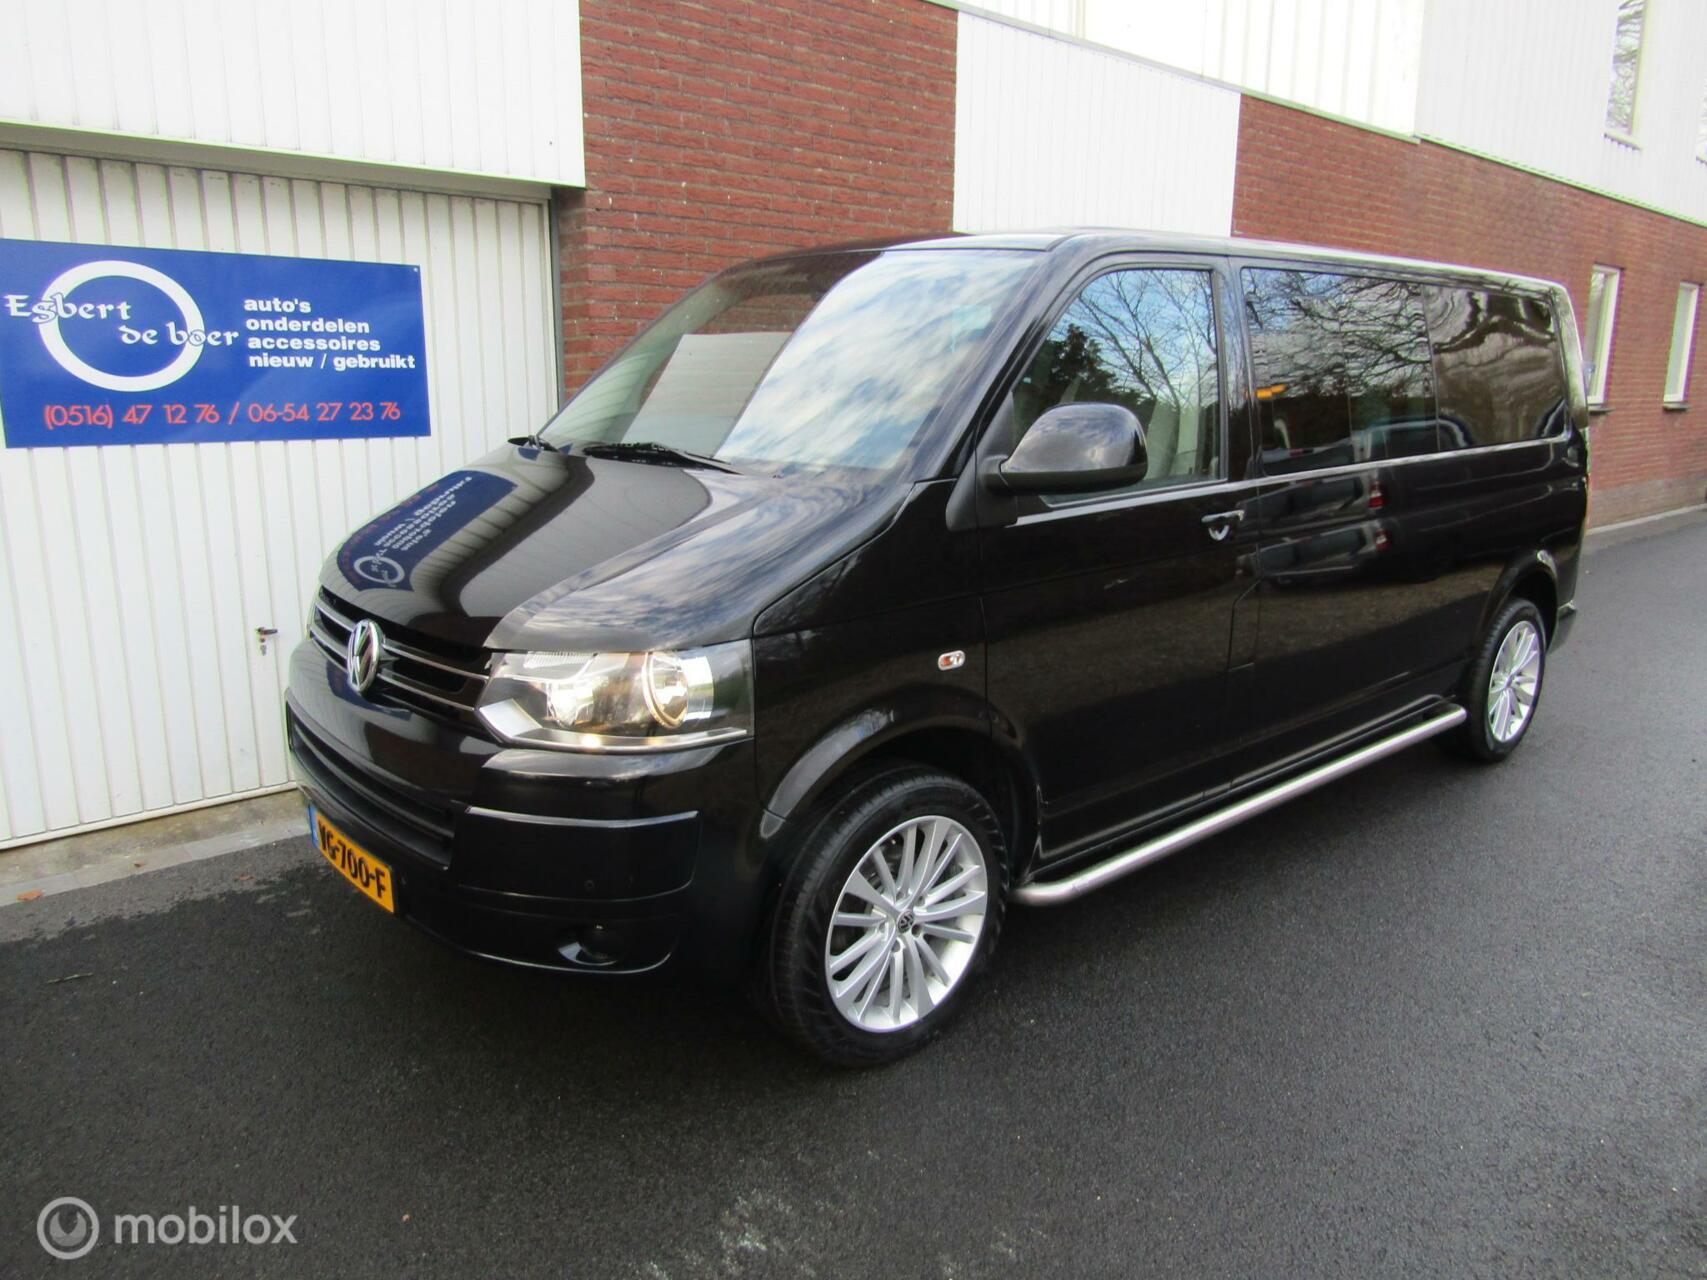 Volkswagen Transporter 2.0 TDI L2H1 DC caravelle zwart 175pk